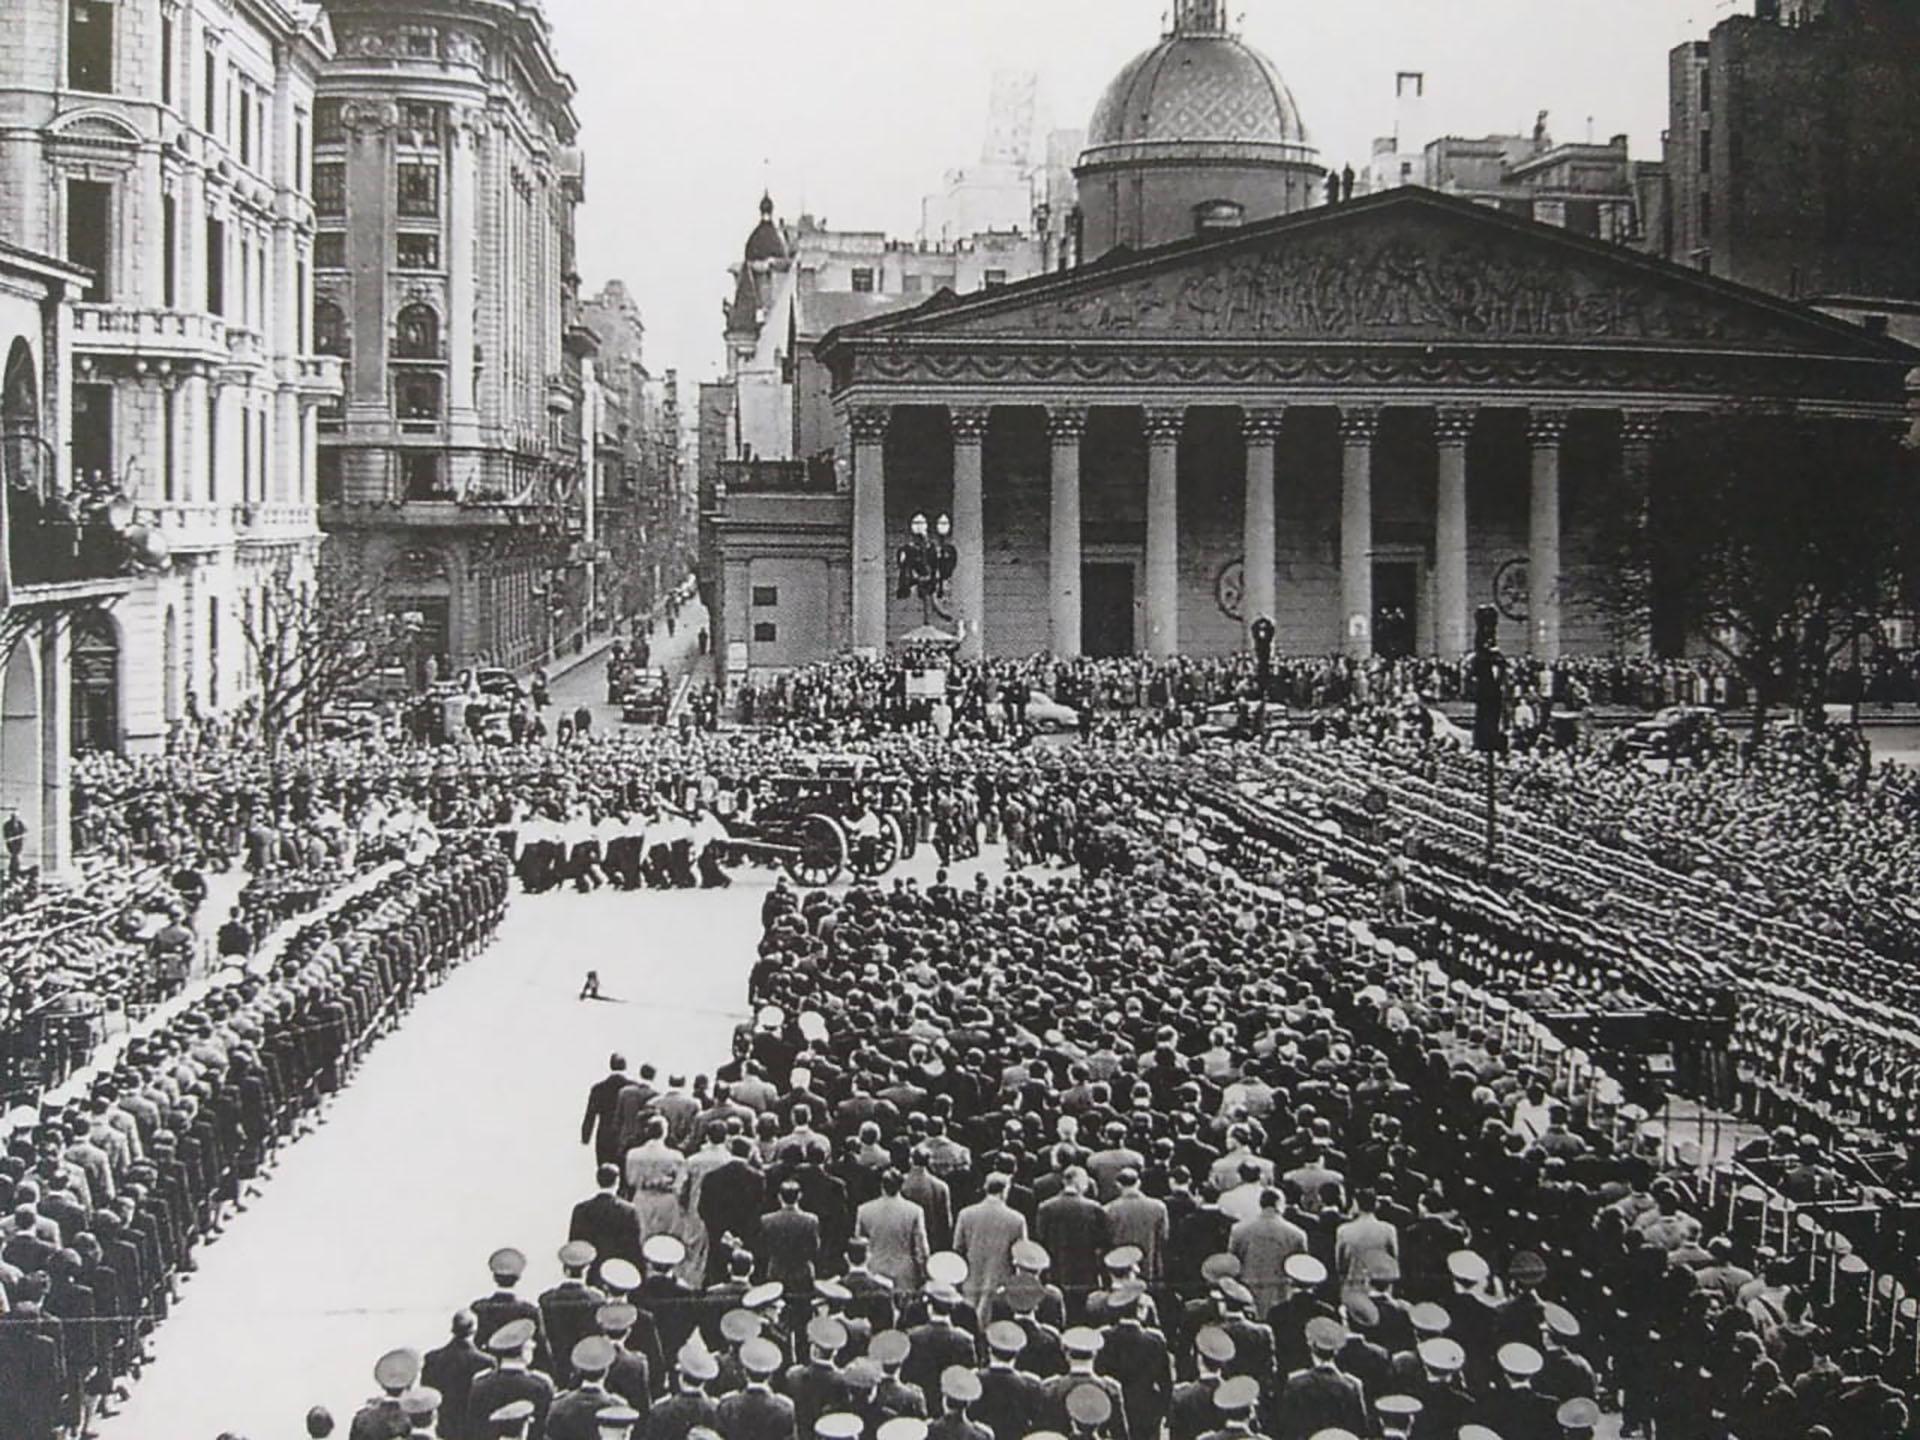 """Su cuerpo, embalsamado, se expone en el edificio de la CGT hasta 1955 cuando un golpe militar destituye al General Perón del poder. Para evitar el peregrinaje y la movilización popular, la llamada """"Revolución Libertadora"""" decide secuestrar el cadáver y trasladarlo a Italia y luego a España. En 1971, el cuerpo es devuelto a Perón en Madrid, como parte de las negociaciones para la apertura democrática de 1973. En 1975, por orden del gobierno presidido por María Estela Martínez de Perón -la tercera esposa del General-, los restos de Evita son repatriados. Actualmente se encuentran en el Cementerio de la Recoleta"""